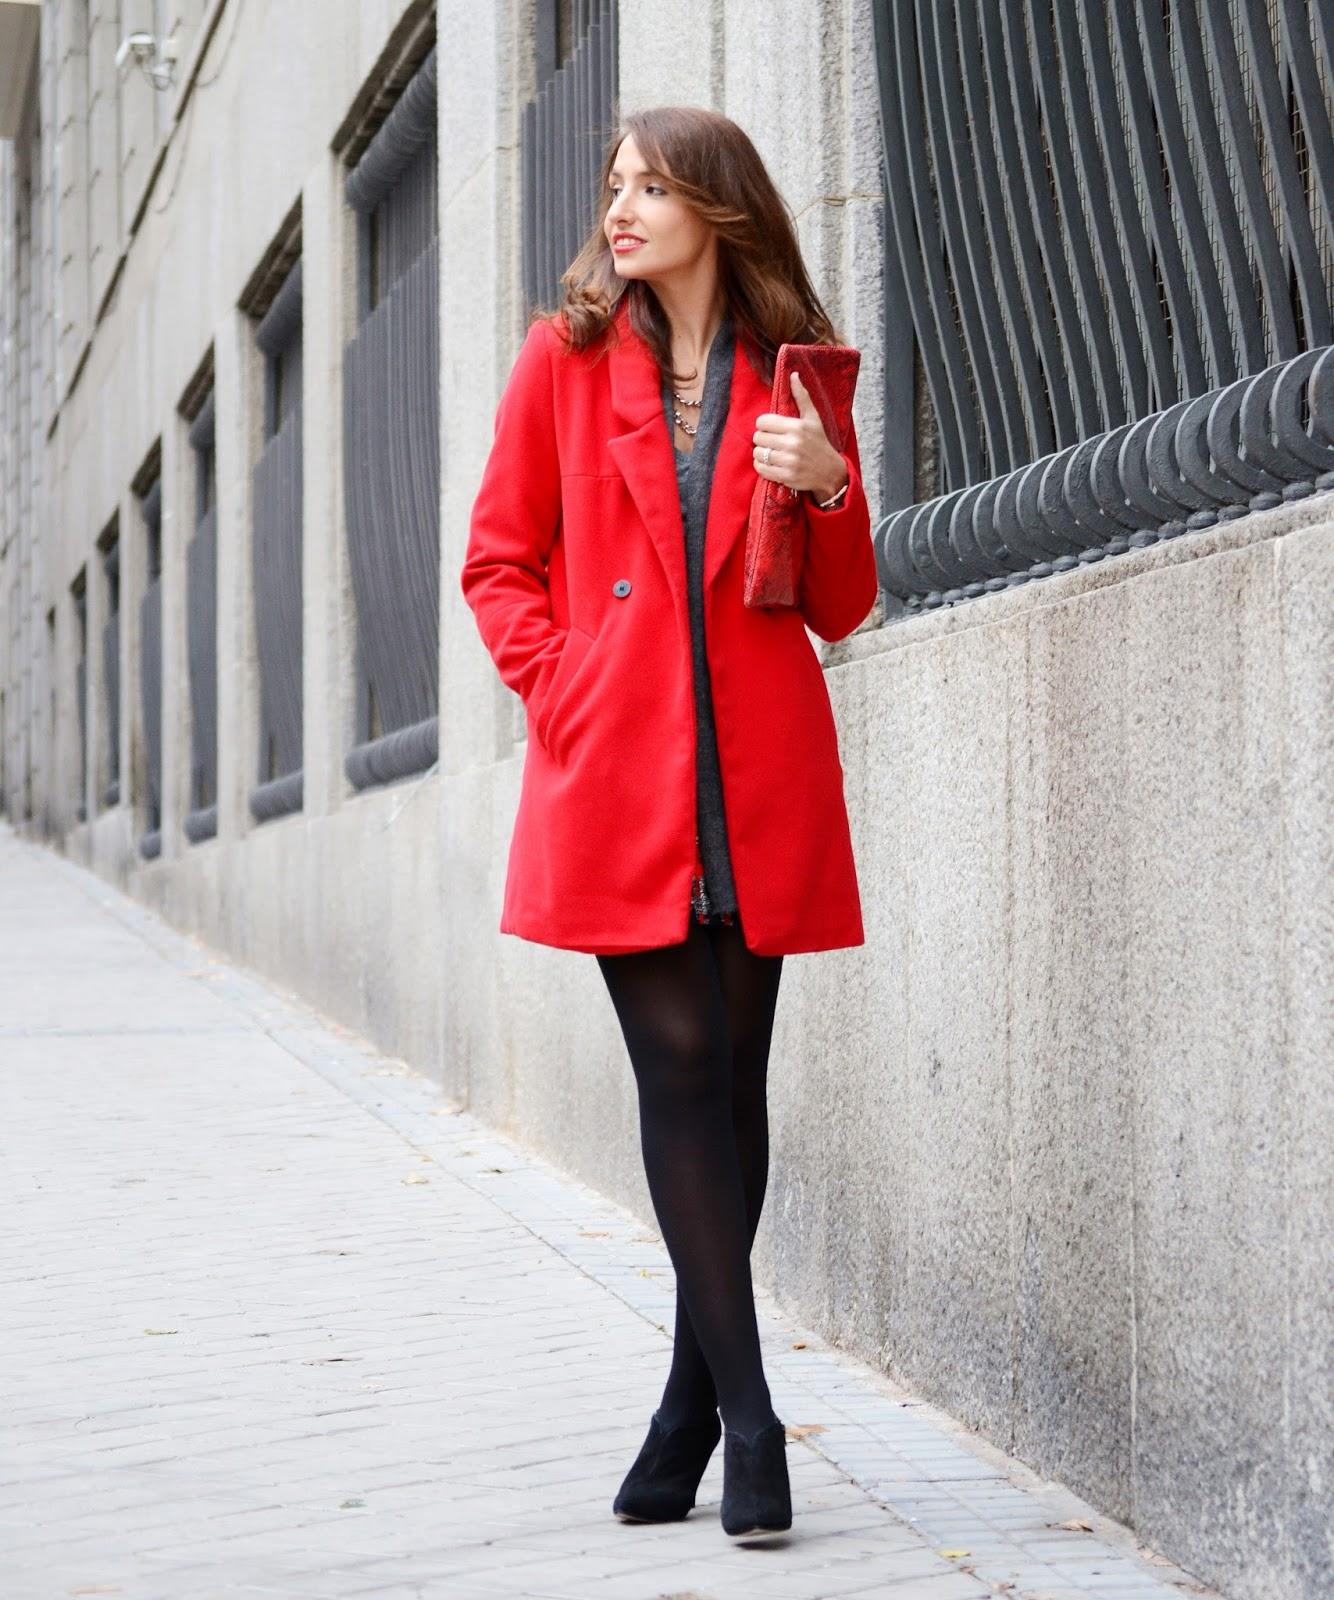 Abrigo rojo dolores promesas